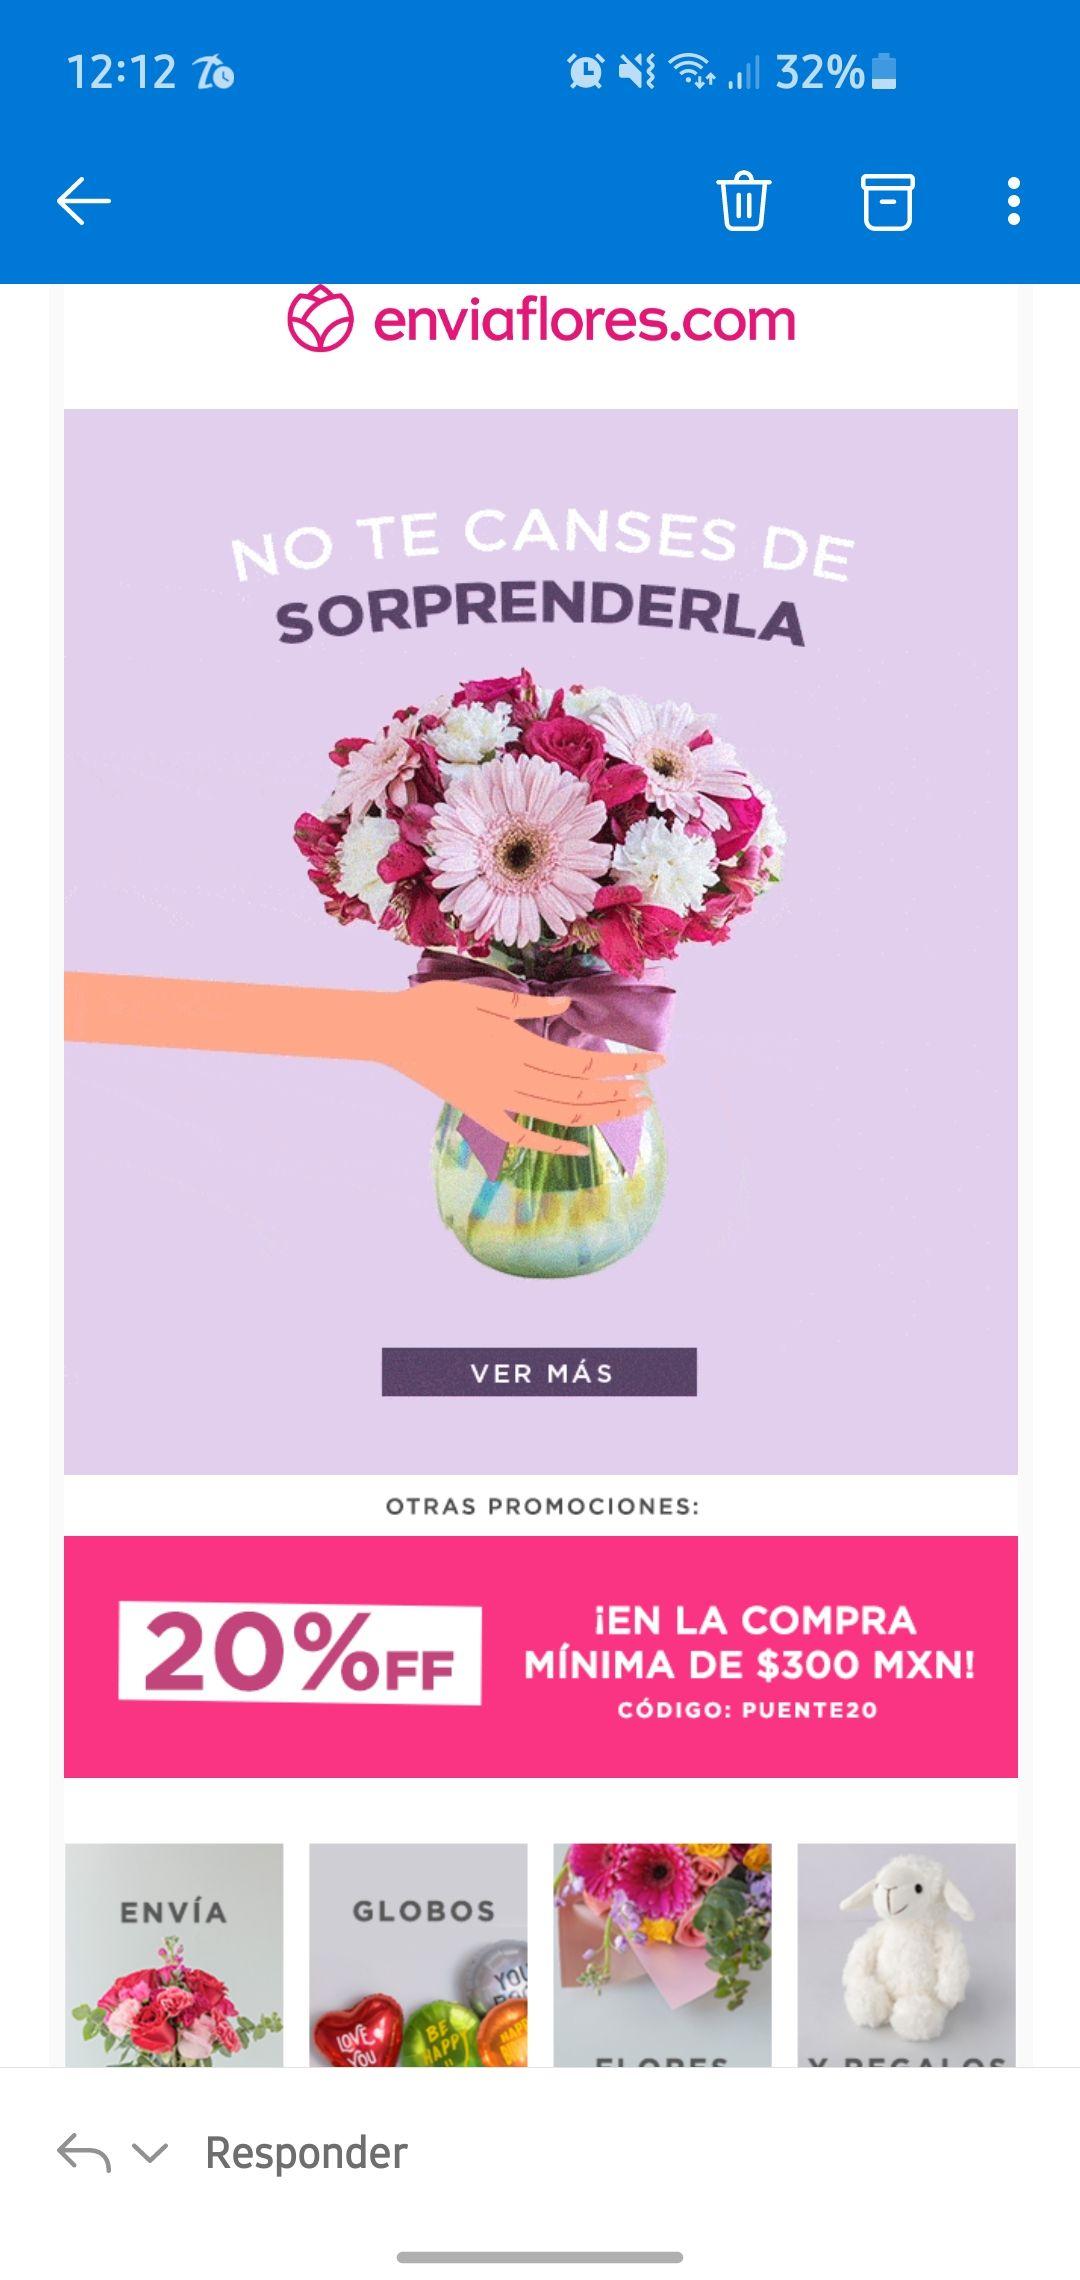 Envía Flores: 20% de descuento en comprar mínima de $300